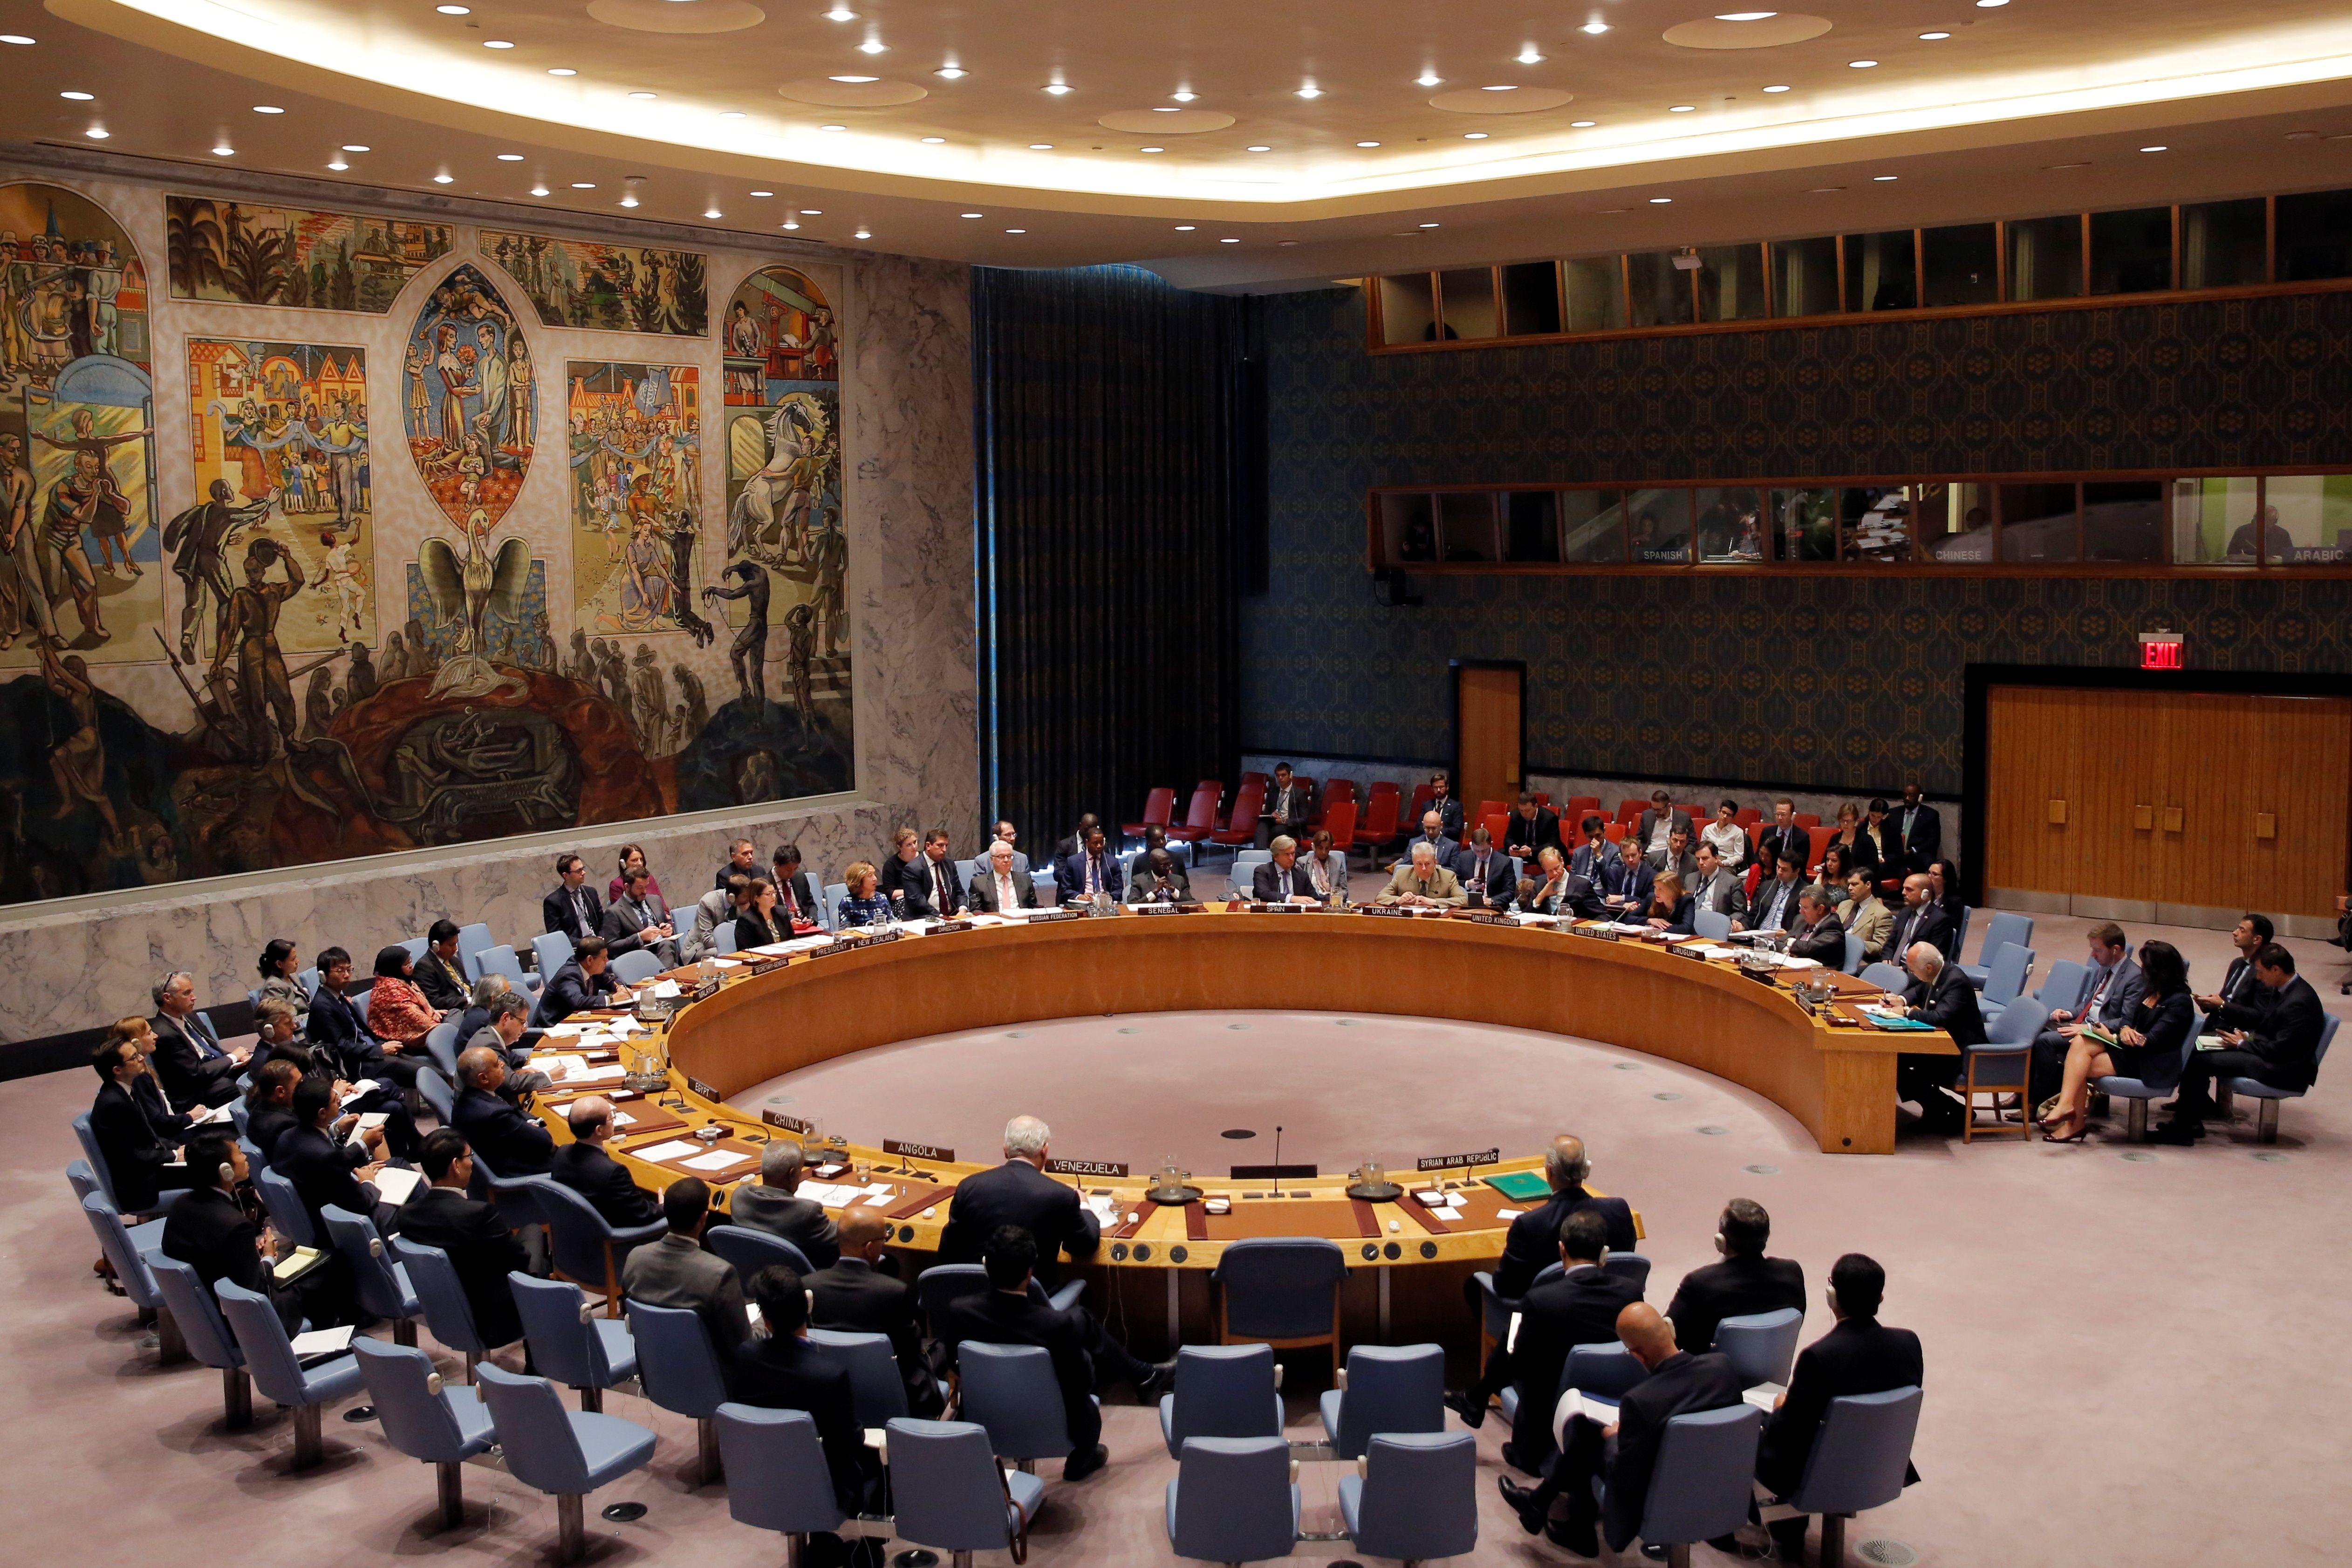 Le Conseil de sécurité des Nations unies, le 25 septembre 2016.